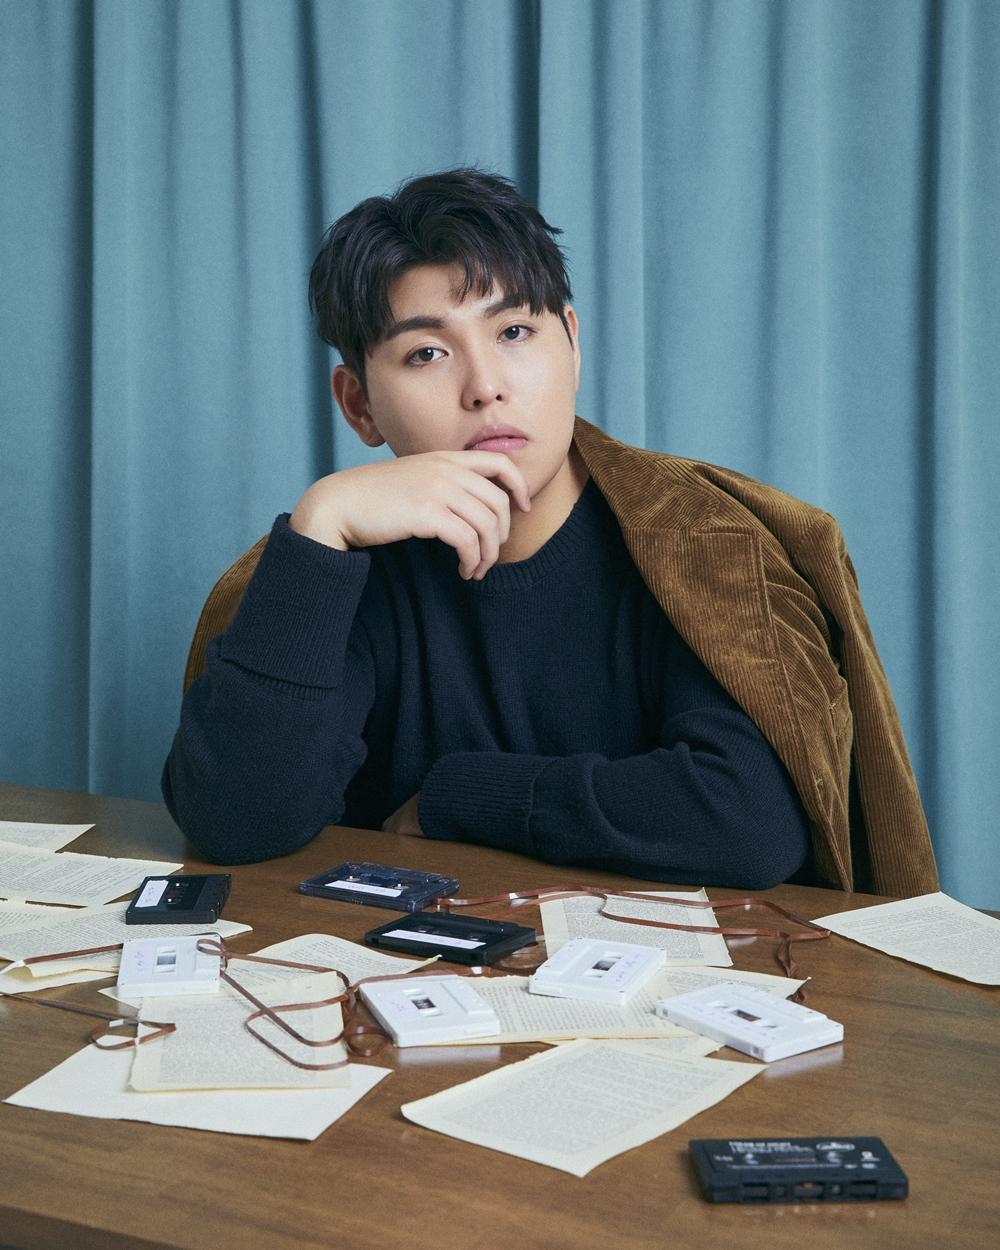 22일(수), 한동근 웹툰 '금혼령' OST '보고 싶었어 가을' 발매 | 인스티즈